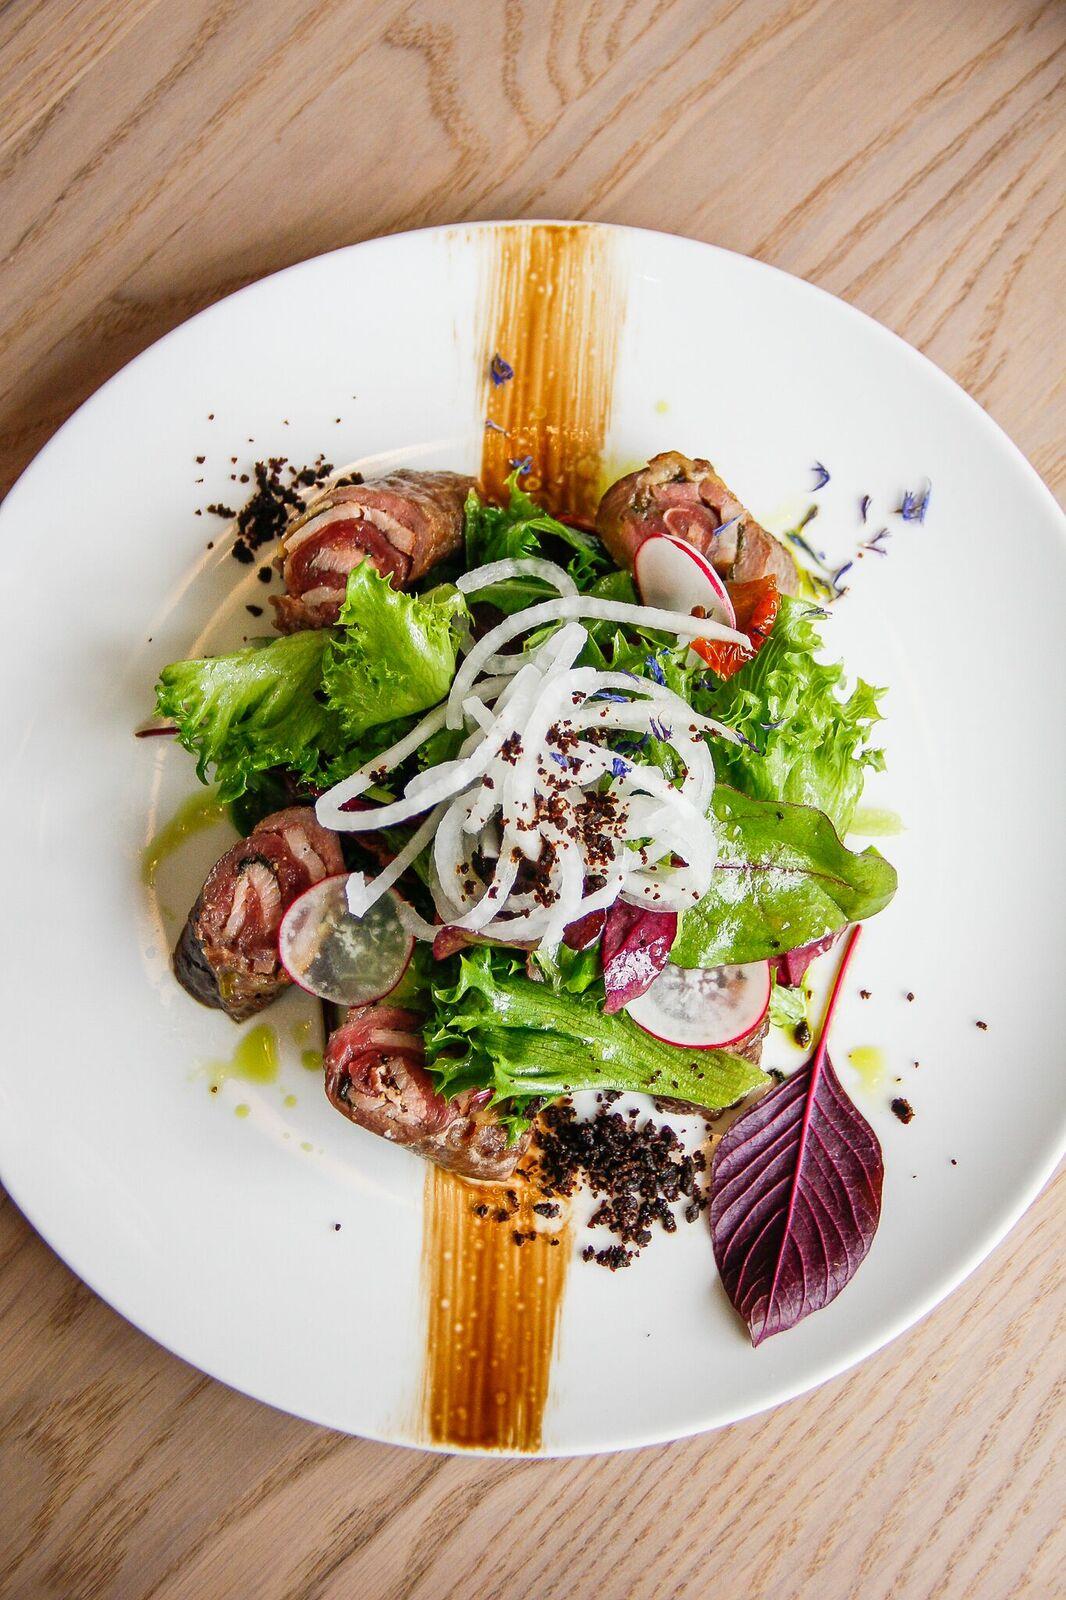 - ....Saltimbocca 7,2€Meie jaoks oli see esimene kokkupuude selle Itaaliast pärit roaga. Roog oli külm, mis pani veidi pettuma, sest soojalt oleks see maitsenud ehk paremini. Tundsime puudust millestki toetavast, näiteks mahlasust lisavast kastmest või mõnest maitsekamast taimsest lisandist. Kui eelnimetatud pisidetailid oleksid juures olnud, kommenteeriksime rooga juba paremini, sest liha ise oli tegelikult maitsev...Saltimbocca 7,2€We had our first experience with this Italian dish. The dish was cold, which was disappointing as it would have been better hot. We missed some support element to it, like some sauce or flavorful vegetable. If these elements would have been present, the dish would have some more life to it. The meat was delicious.....